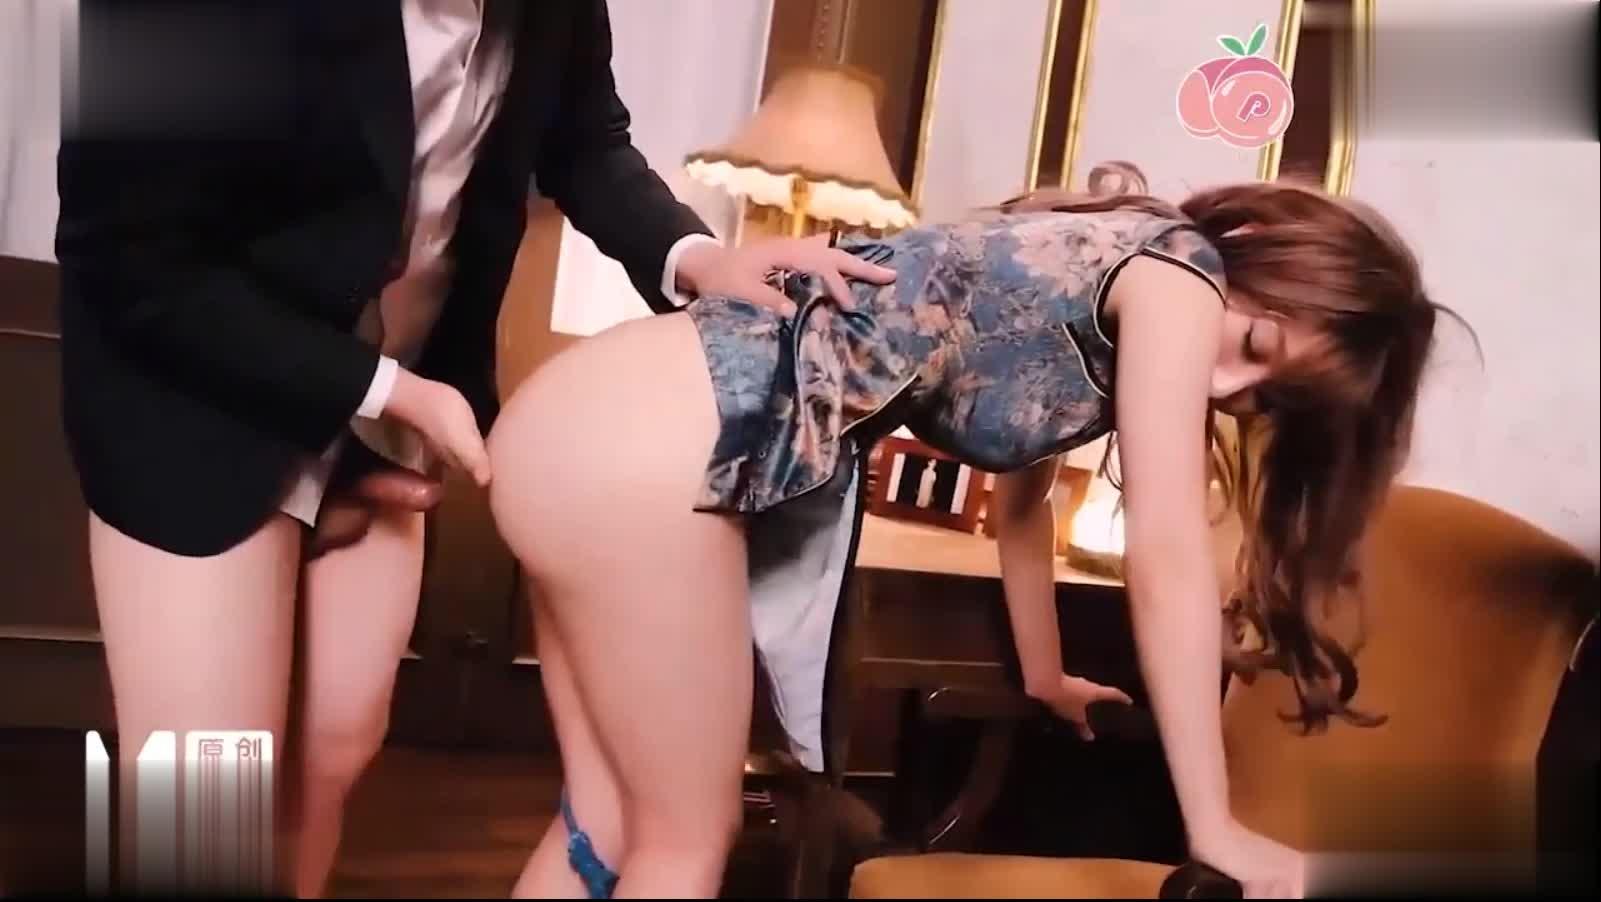 麻豆傳媒映畫-旗袍的淫蕩誘惑強迫旗袍女傭人